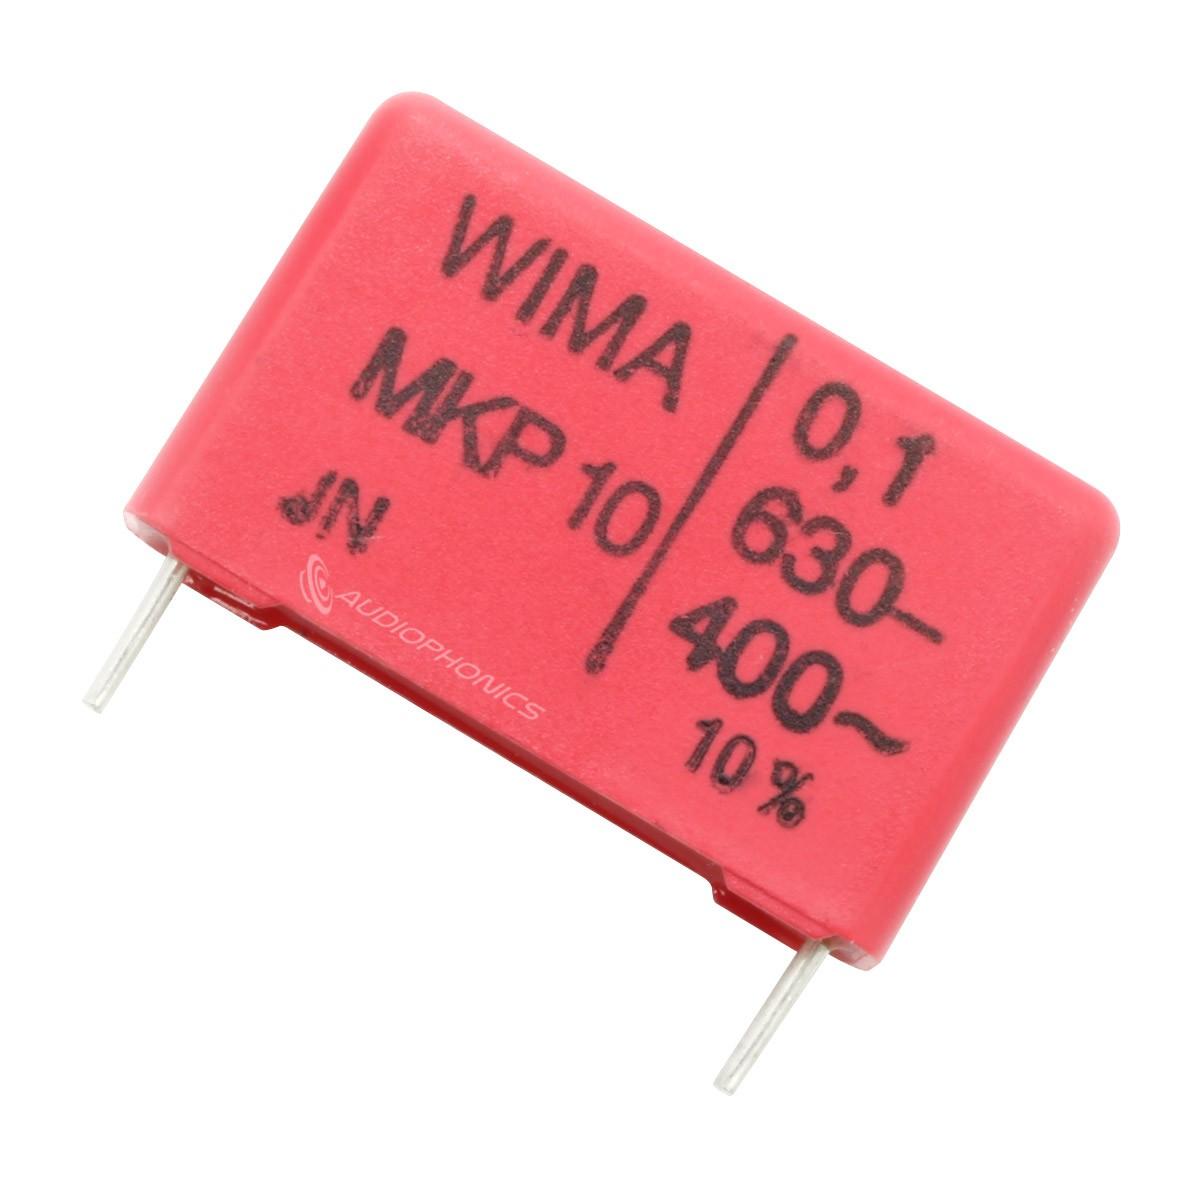 WIMA MKP 10 Condensateur Polypropylène 27,5mm 250V 1µF